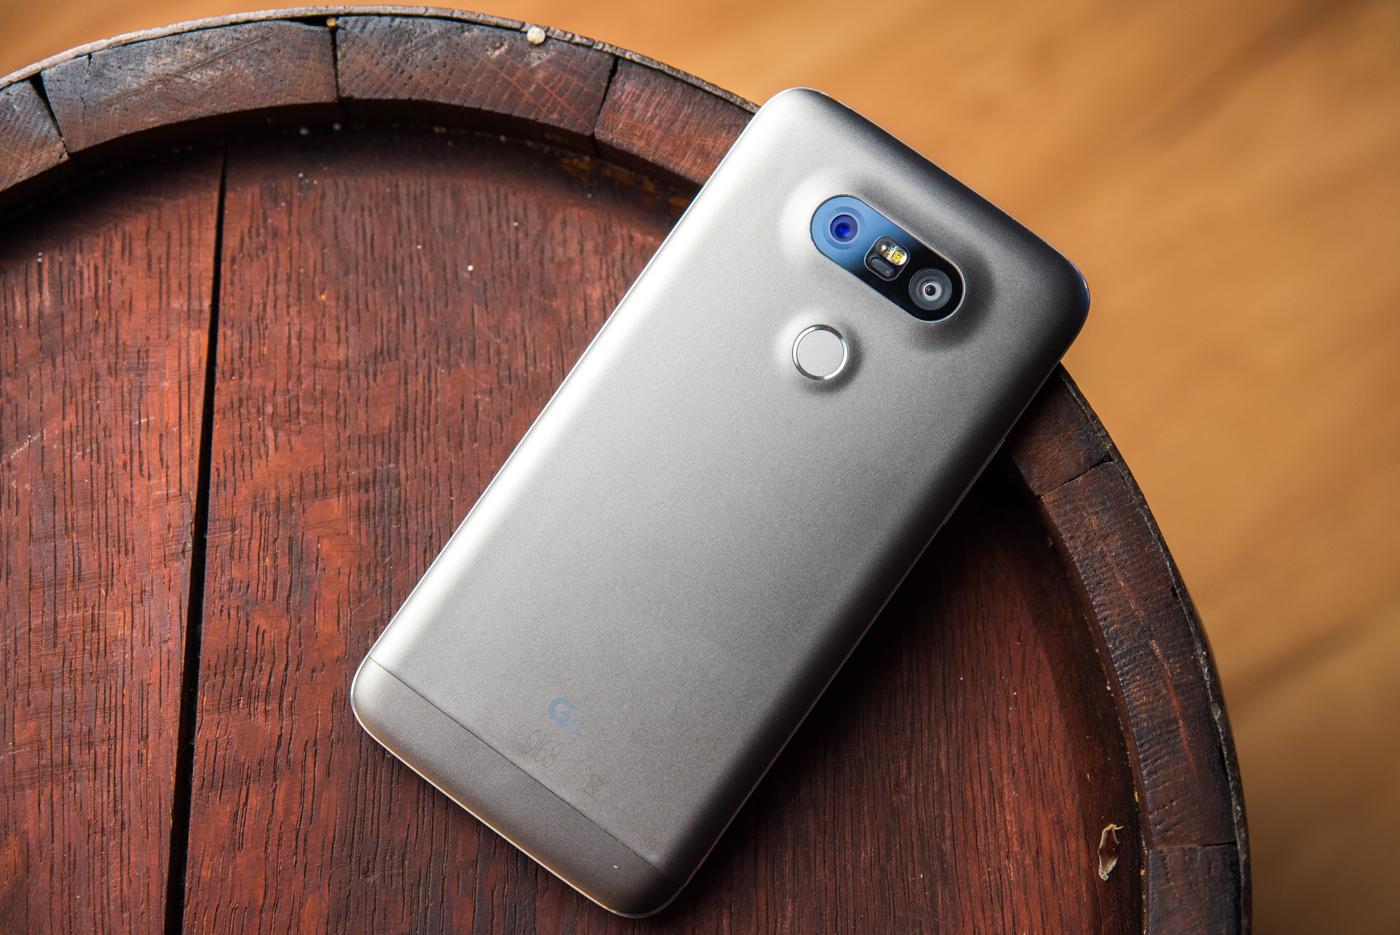 LG szykuje smartfon z ekranem, jakiego jeszcze świat nie widział. Oto co wiemy o LG G6 przed premierą